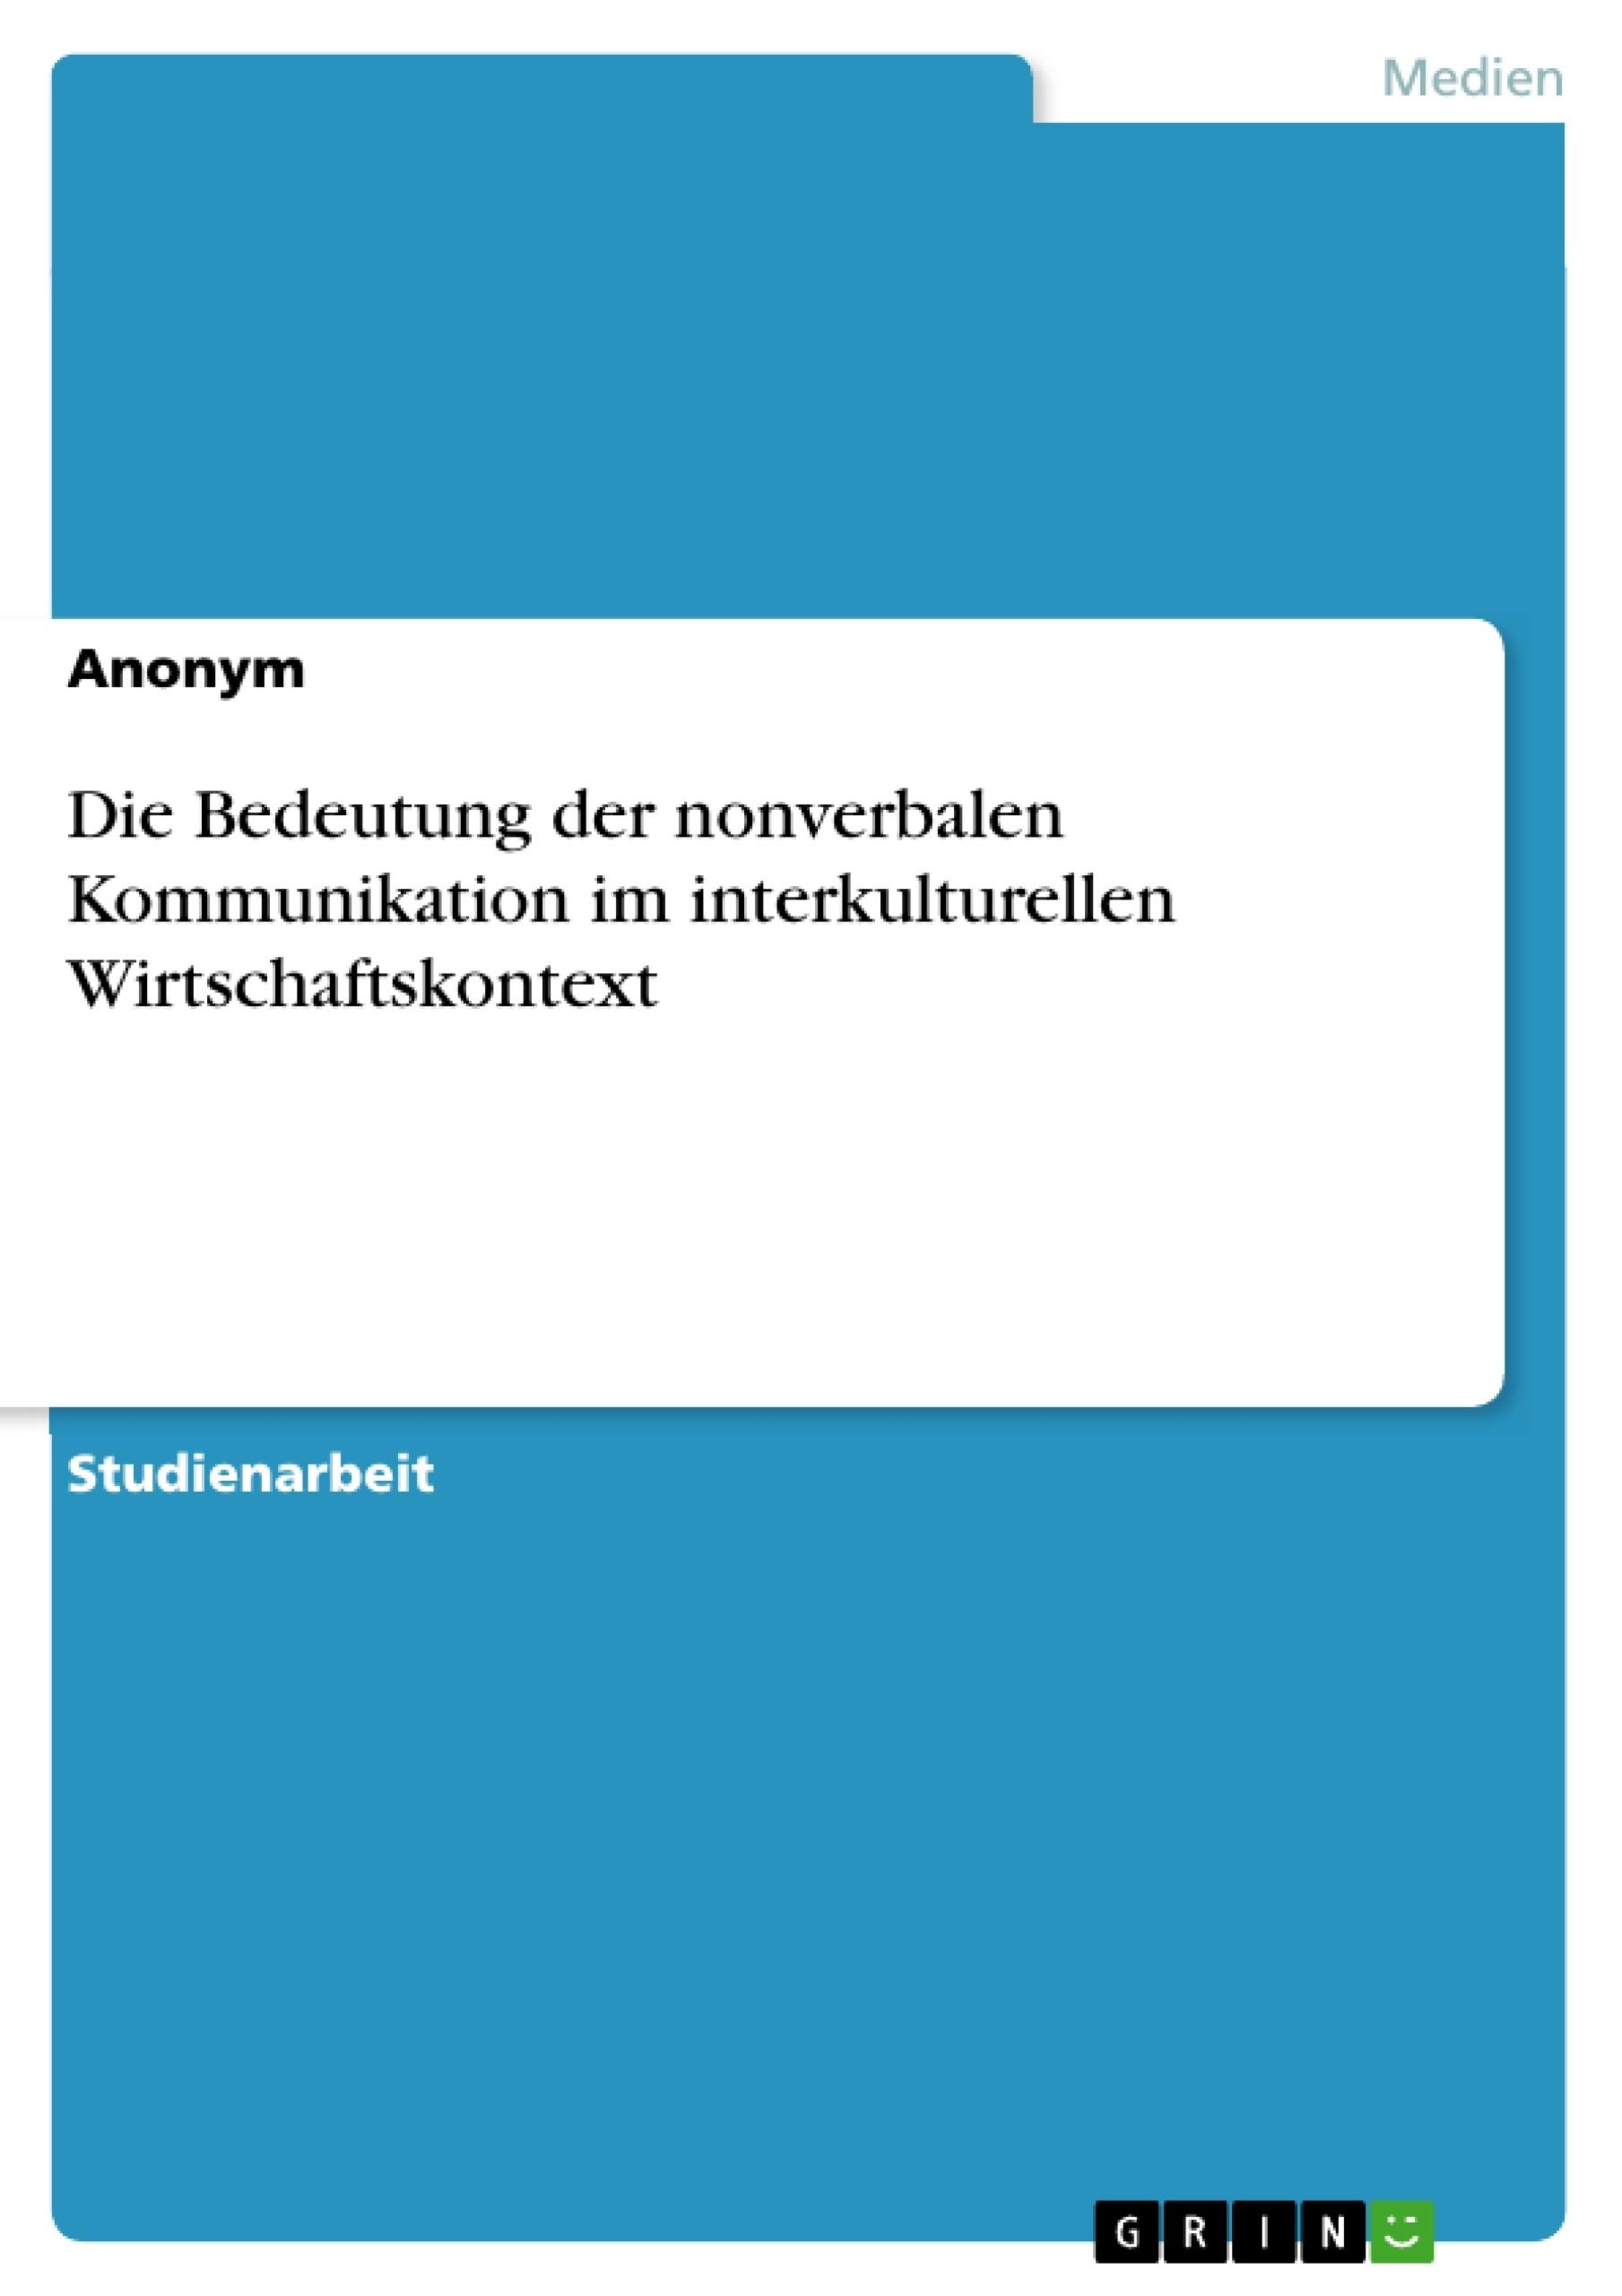 Titel: Die Bedeutung der nonverbalen Kommunikation im interkulturellen Wirtschaftskontext